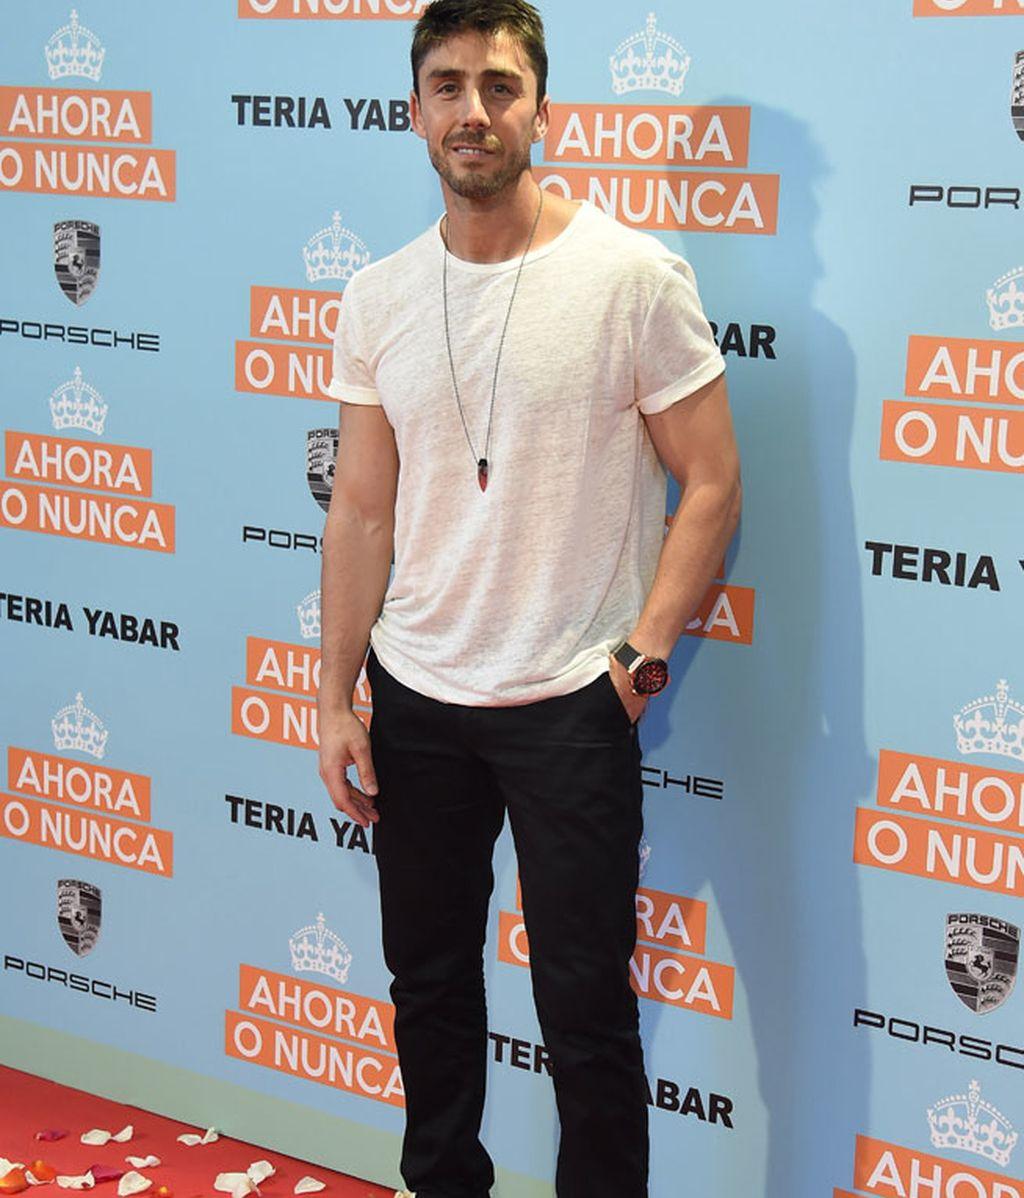 El actor Rubén Sanz, con vaqueros y camisa blanca